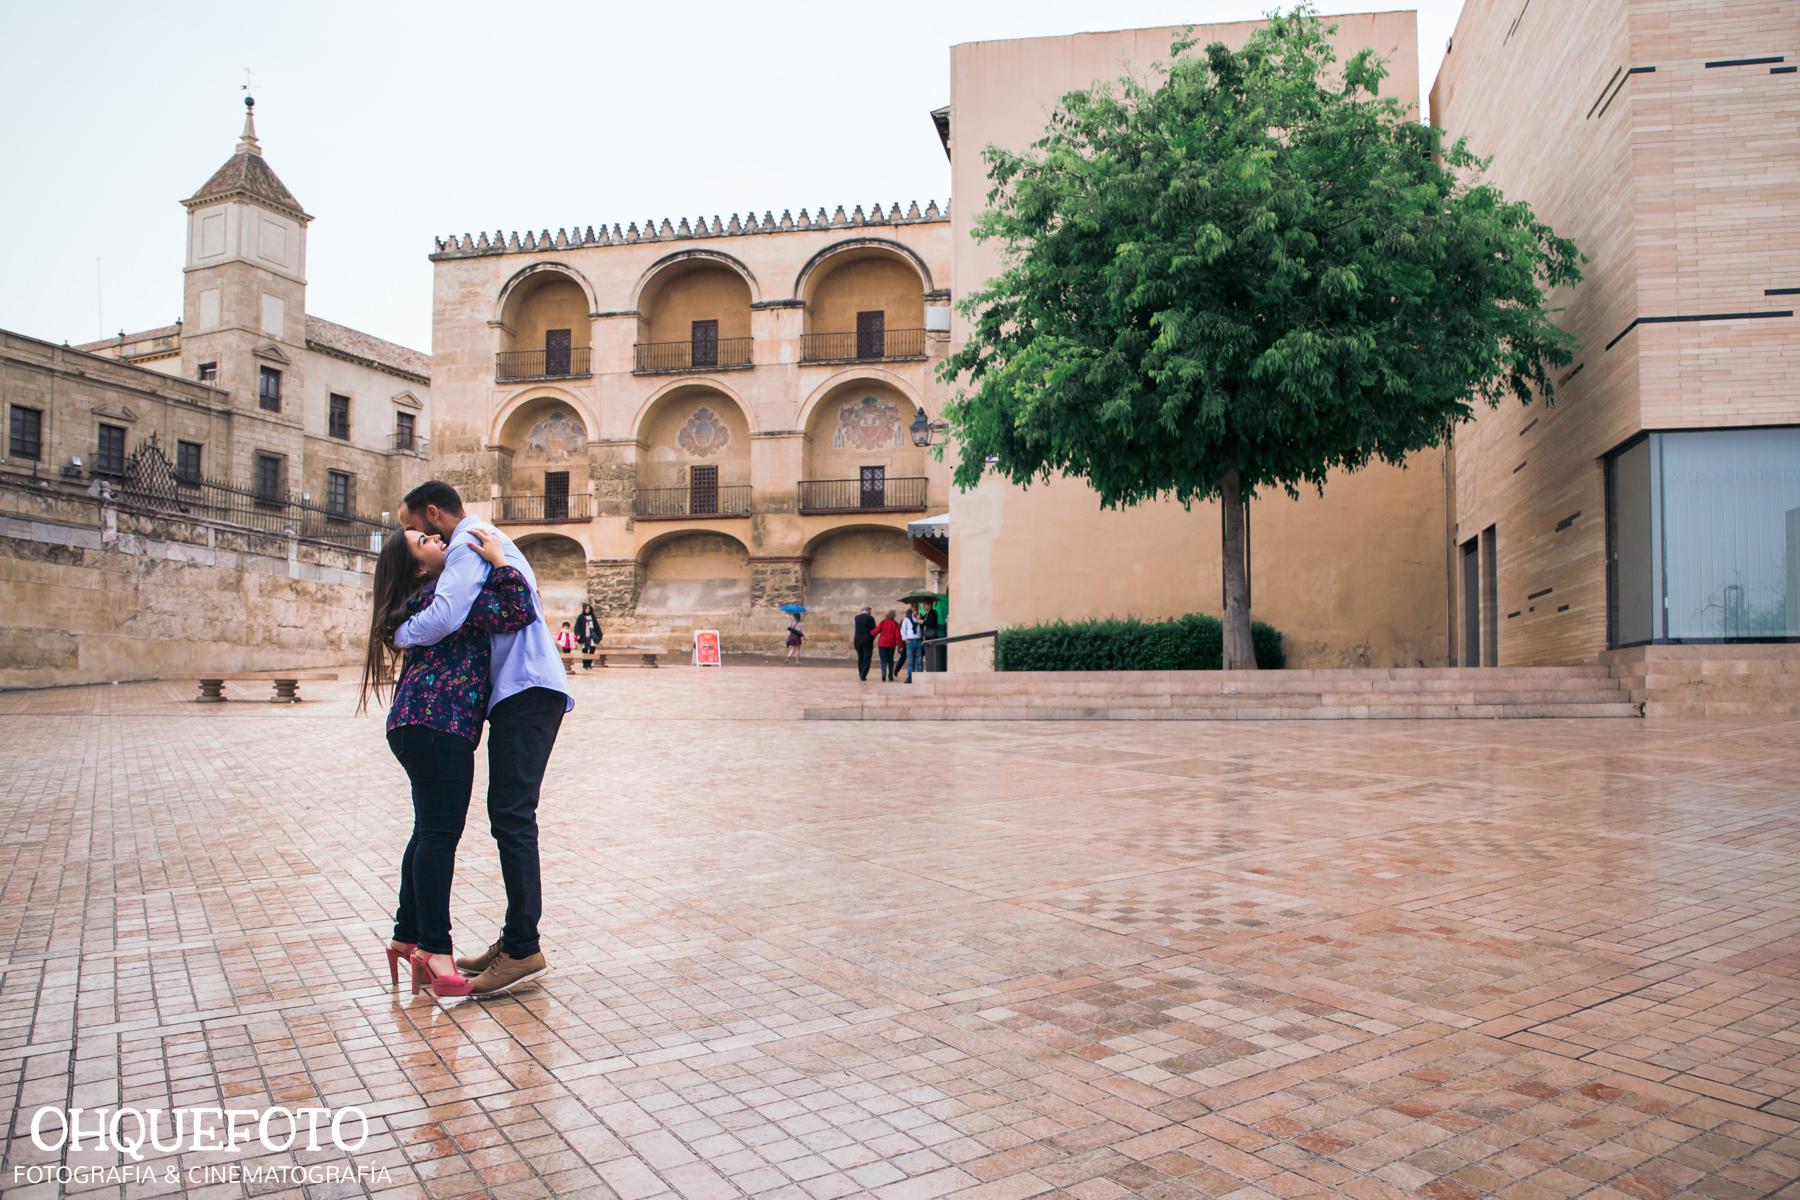 preboda en la judería de cordoba preboda en puente romano cordoba fotos de preboda en cordoba reportaje antes de la boda397 - Reportaje de preboda en la Judería de Córdoba - Elena y Jose